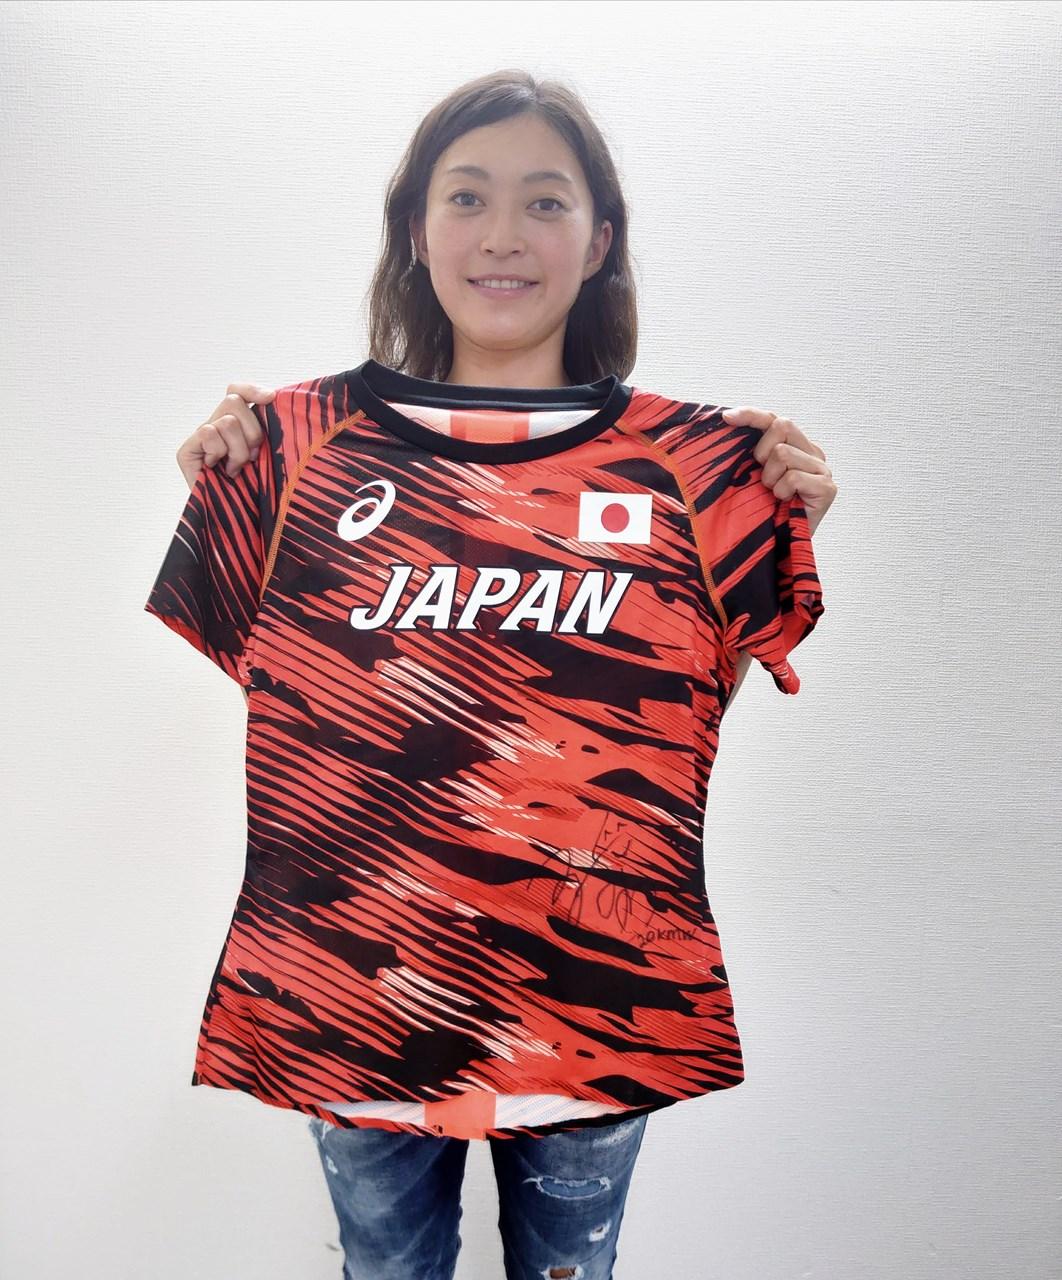 【日本陸連公式】岡田 久美子 選手